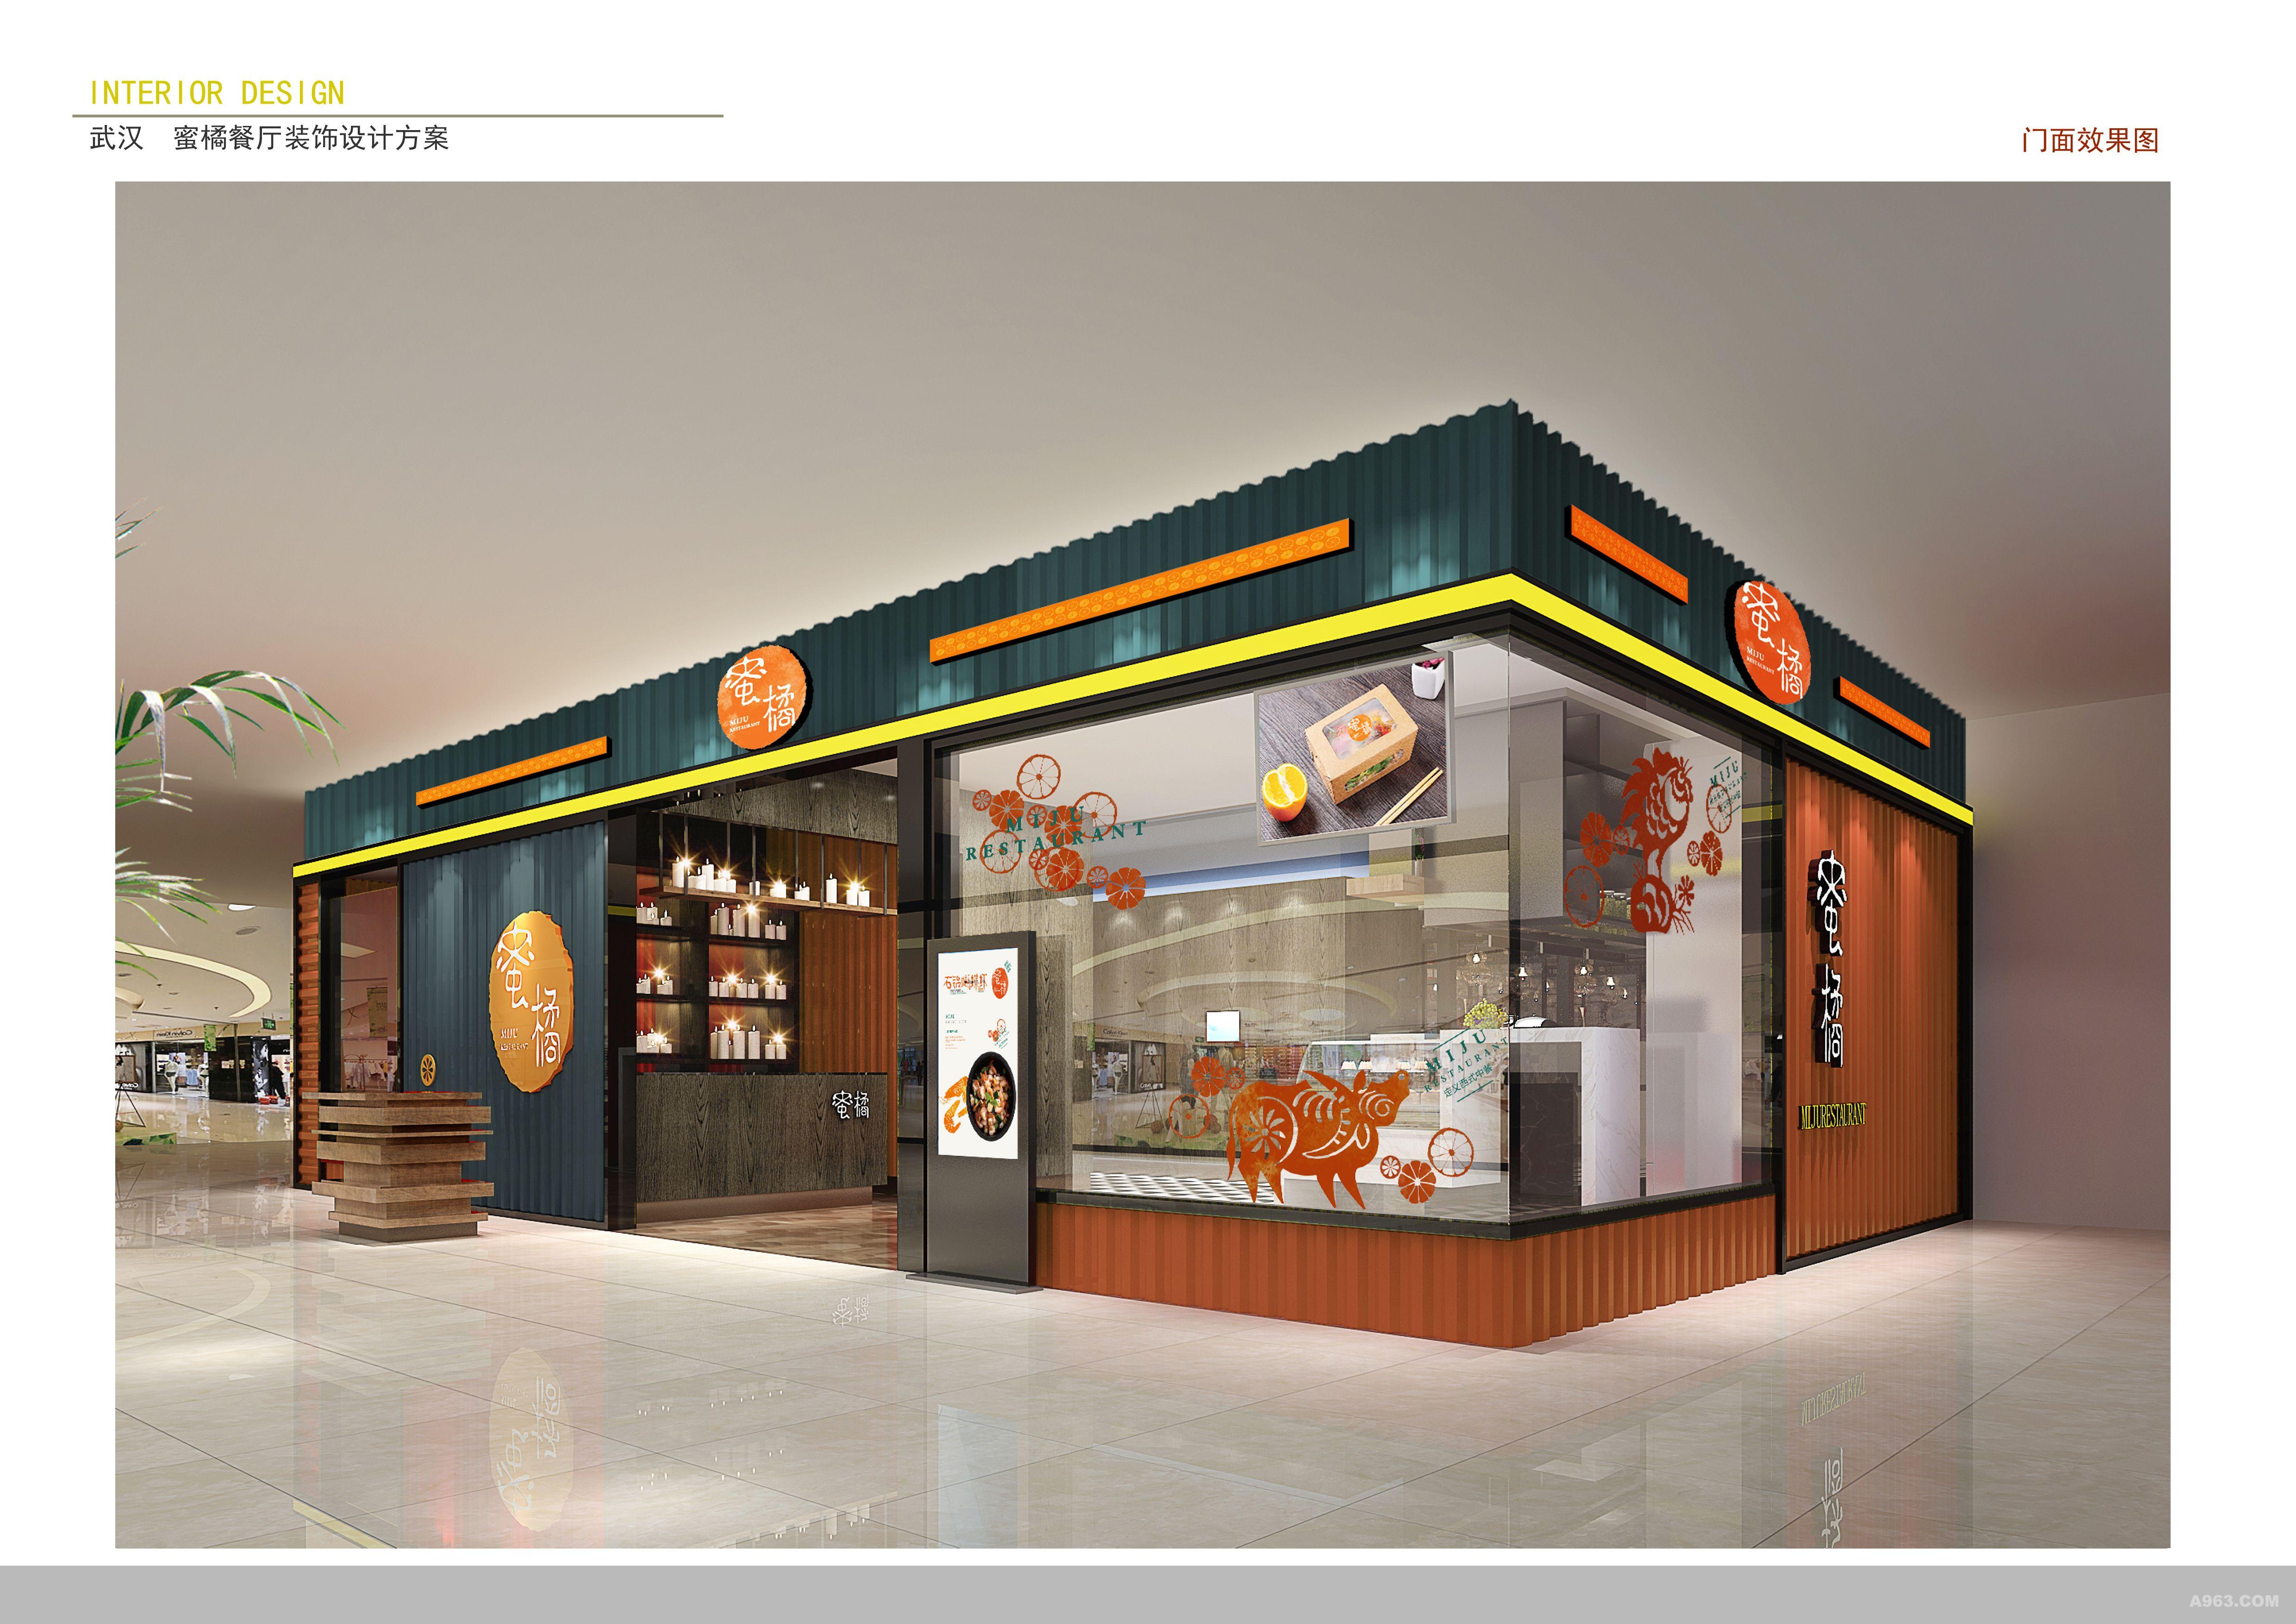 【钧石设计】甜蜜的诱惑——武汉蜜桔餐厅(众圆广场店)